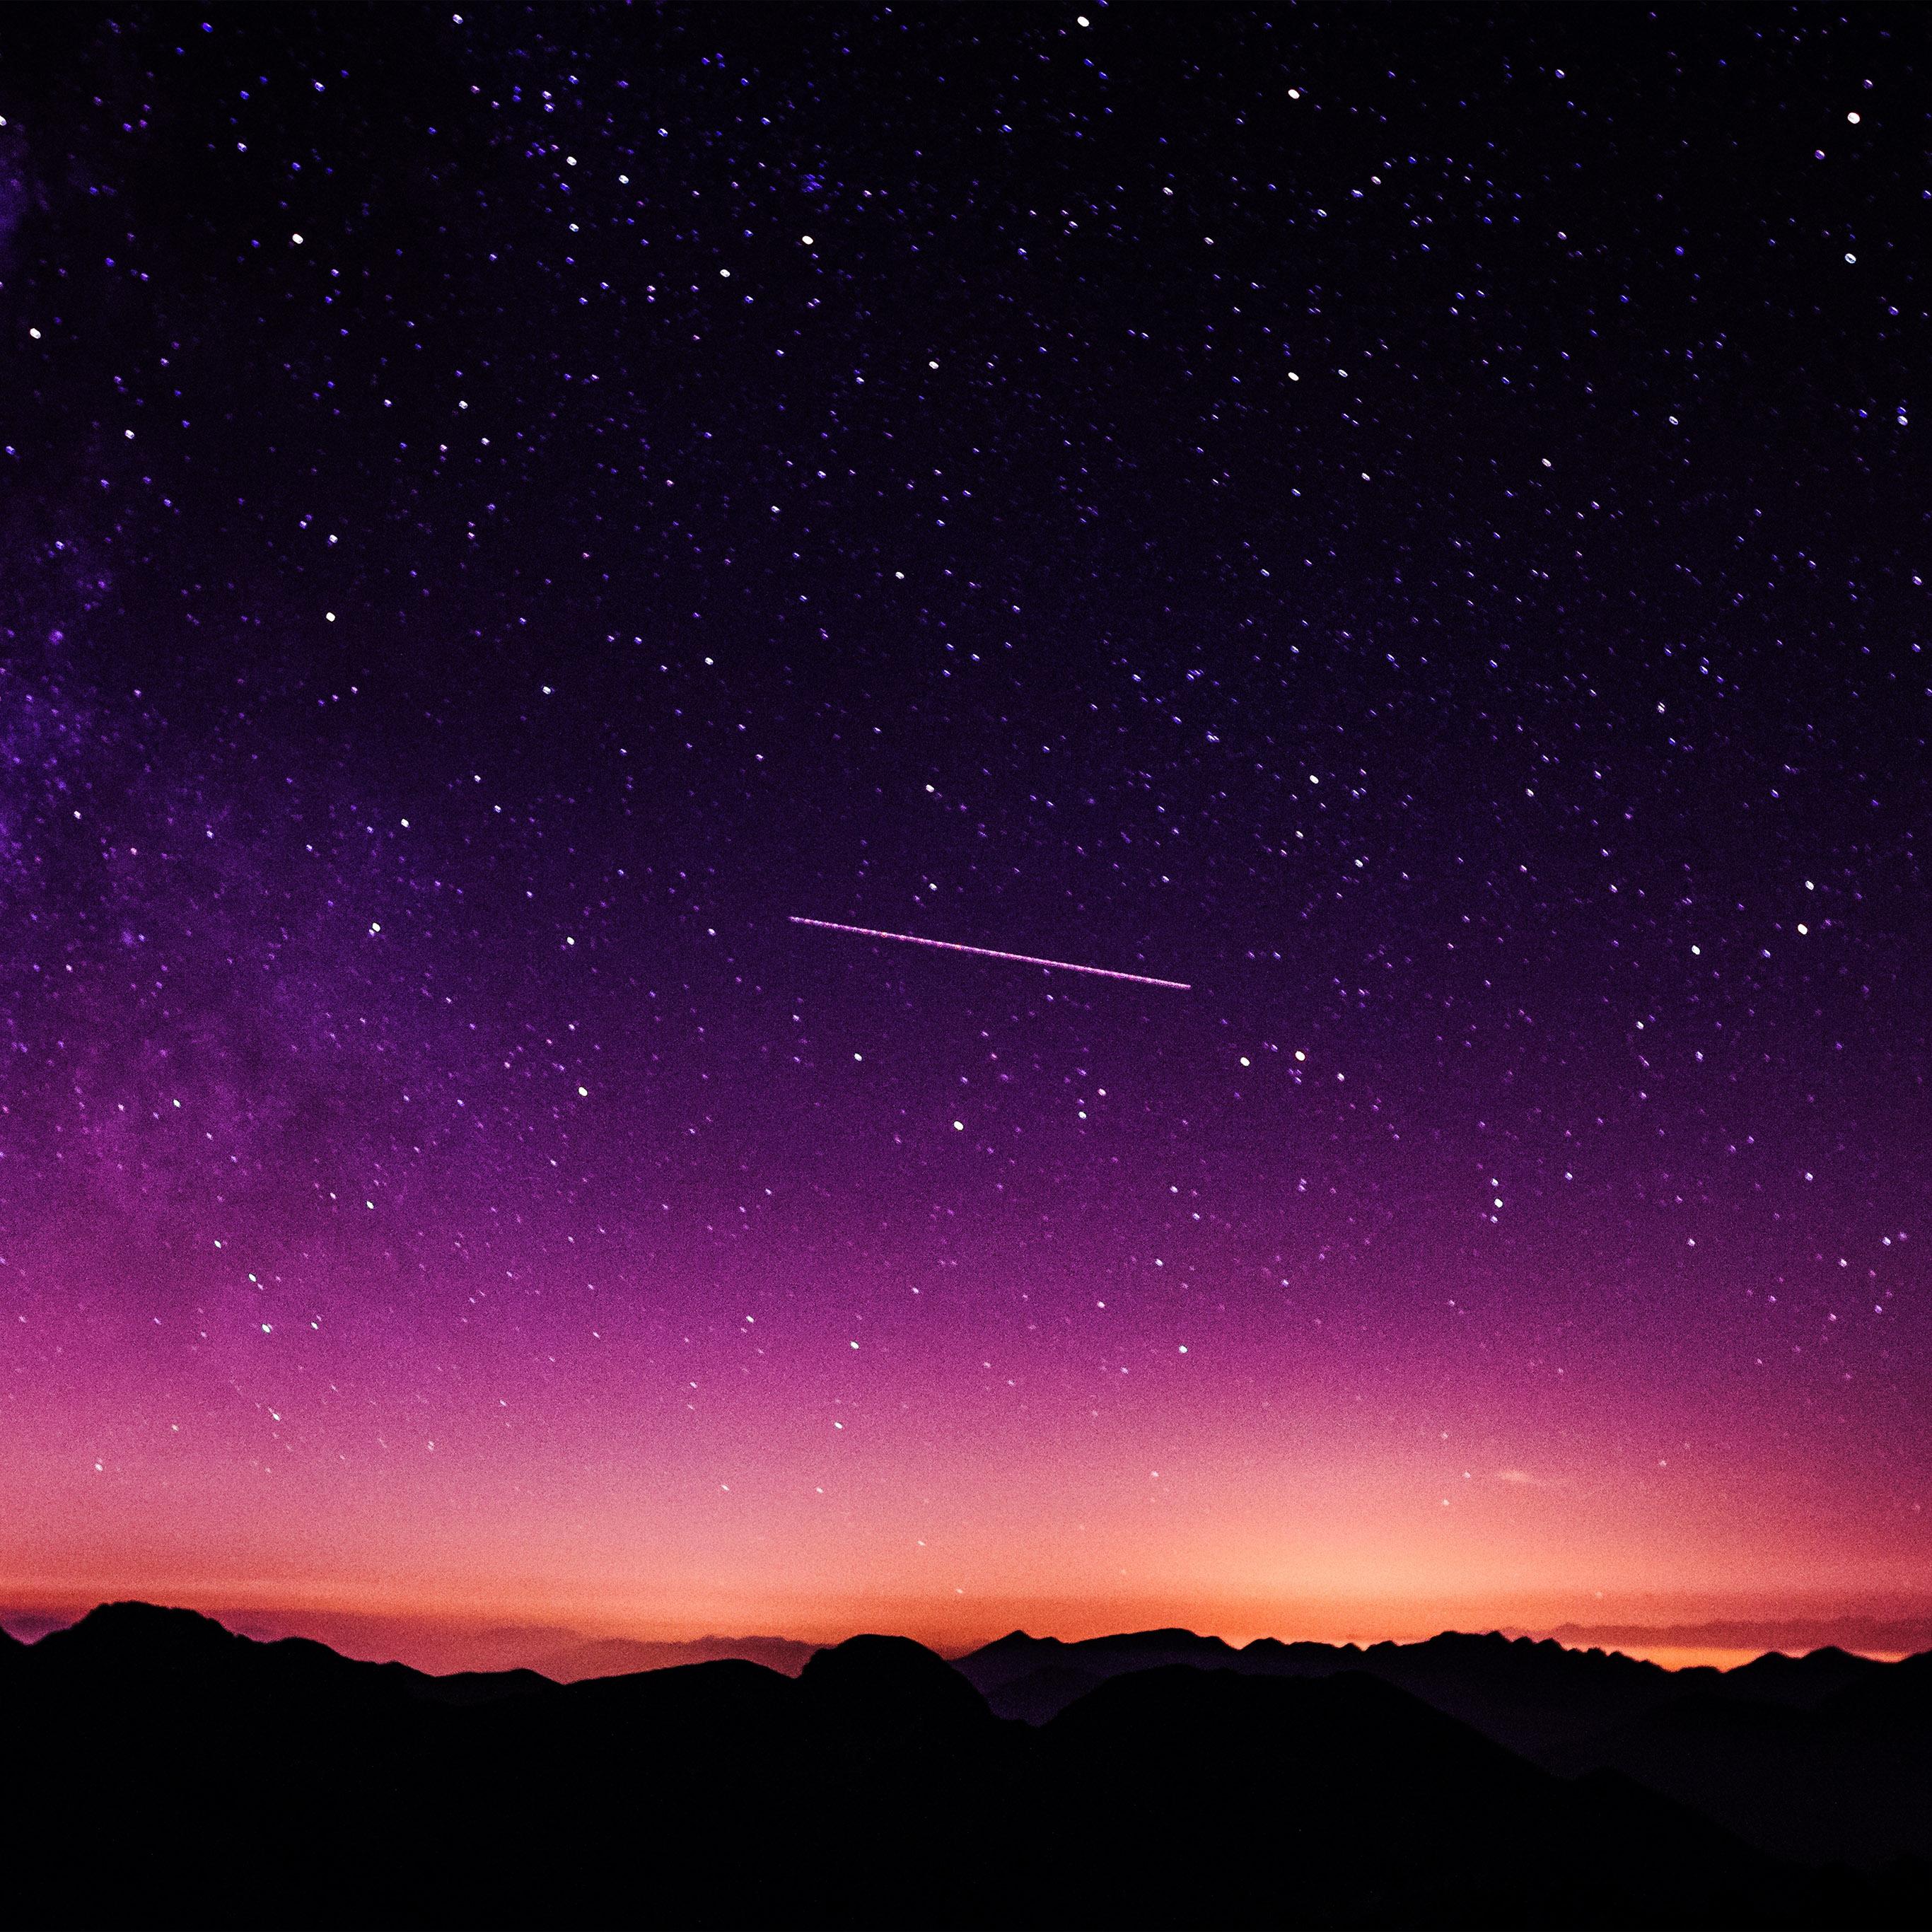 Ne63-star-galaxy-night-sky